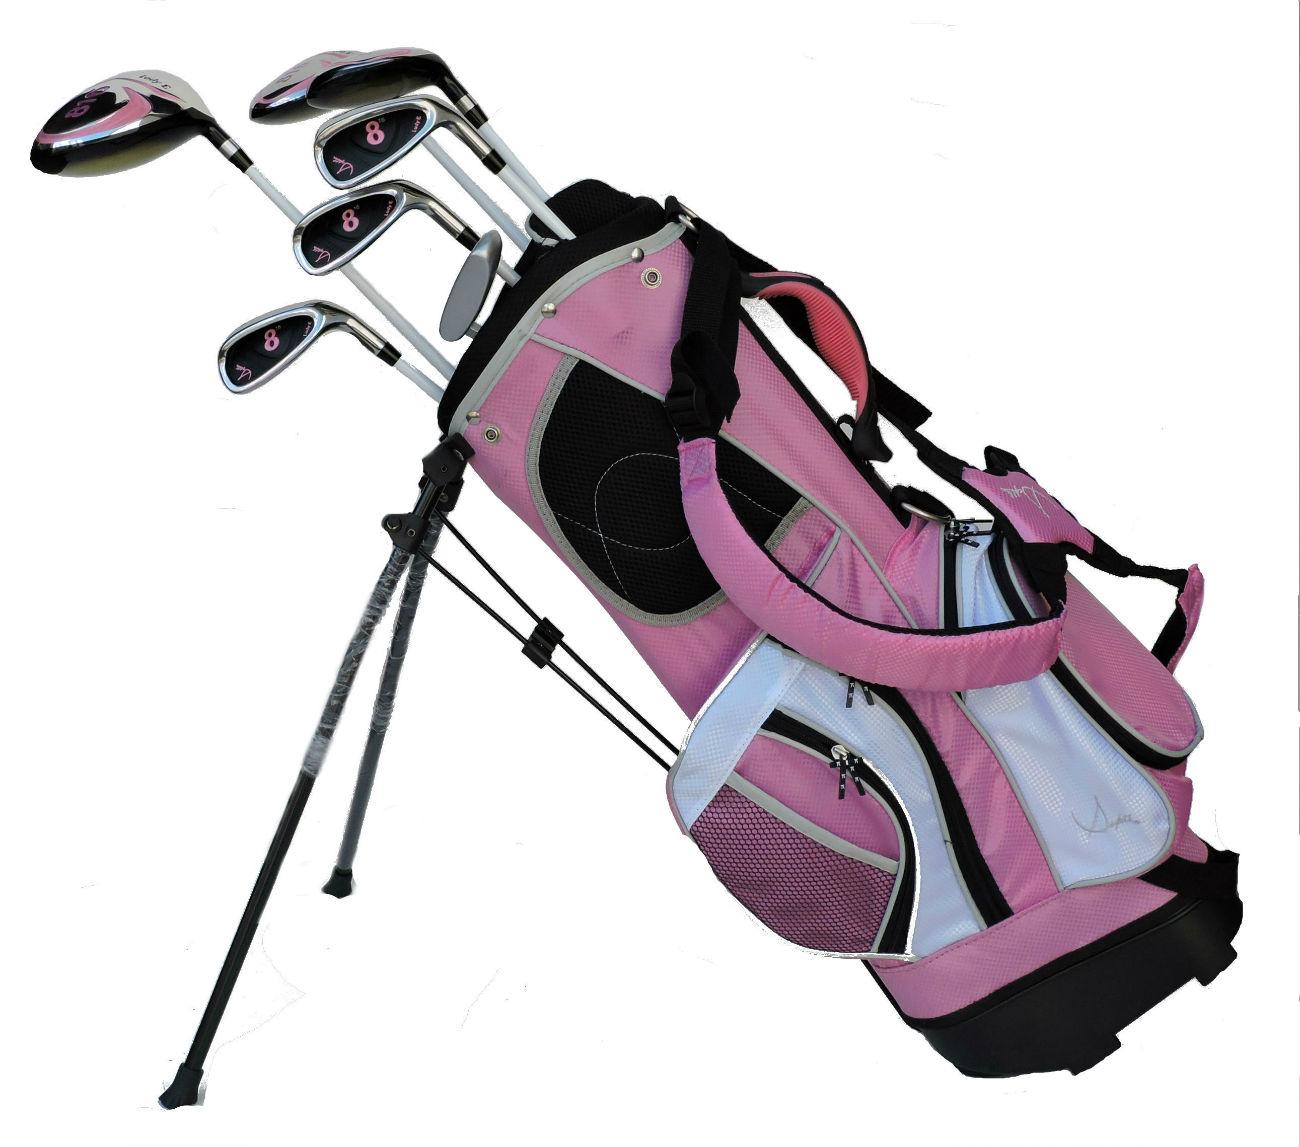 Sephlin - Lady Jayde *7*  Pcs Golf Club Set and Golf Bag Age 6-10 RH